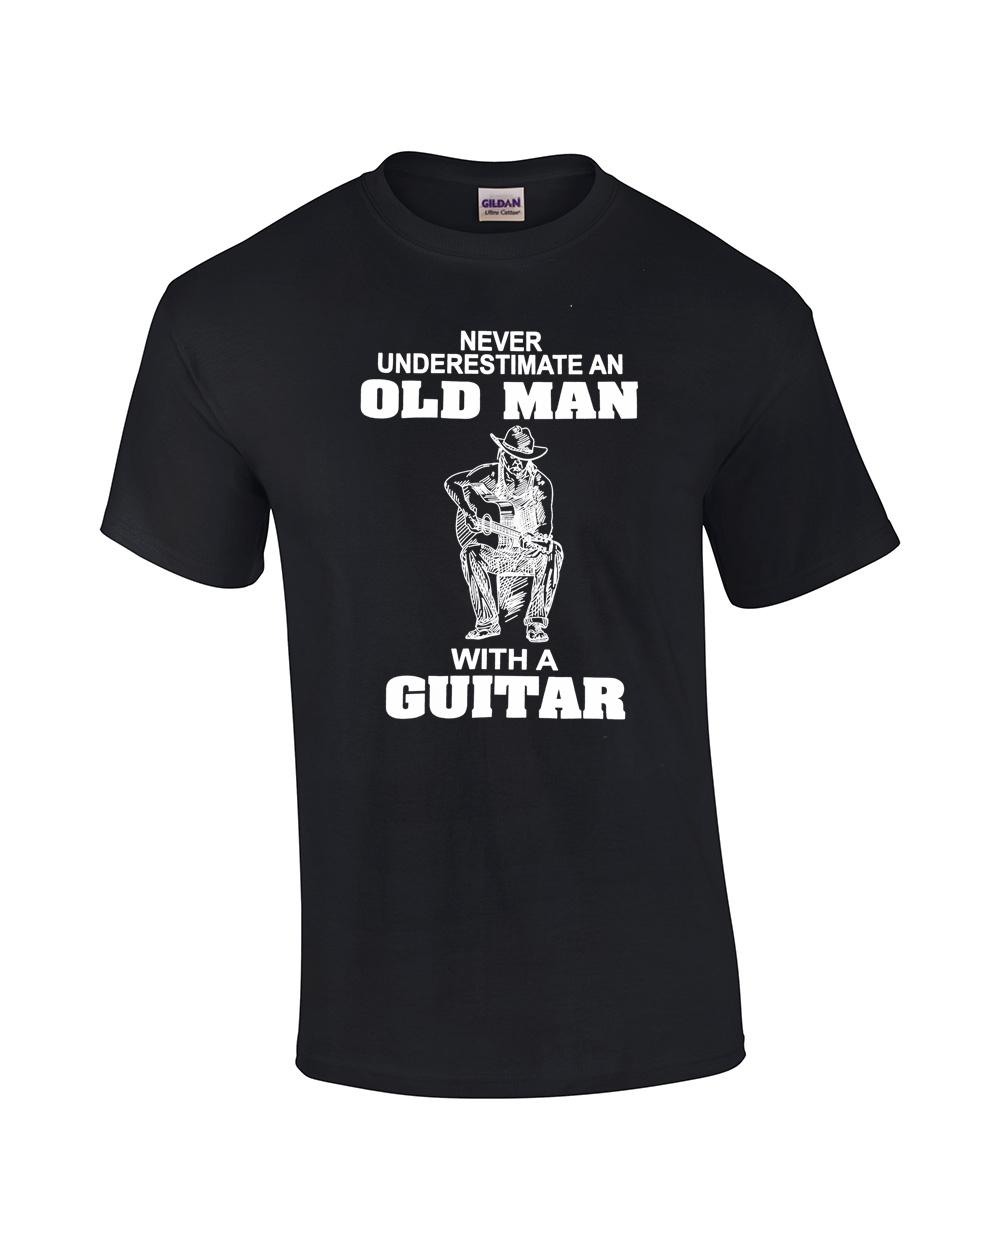 Gitarre T-Shirt Gitarrist Niemals Underestimate an Old Man Mit Herren Lustige